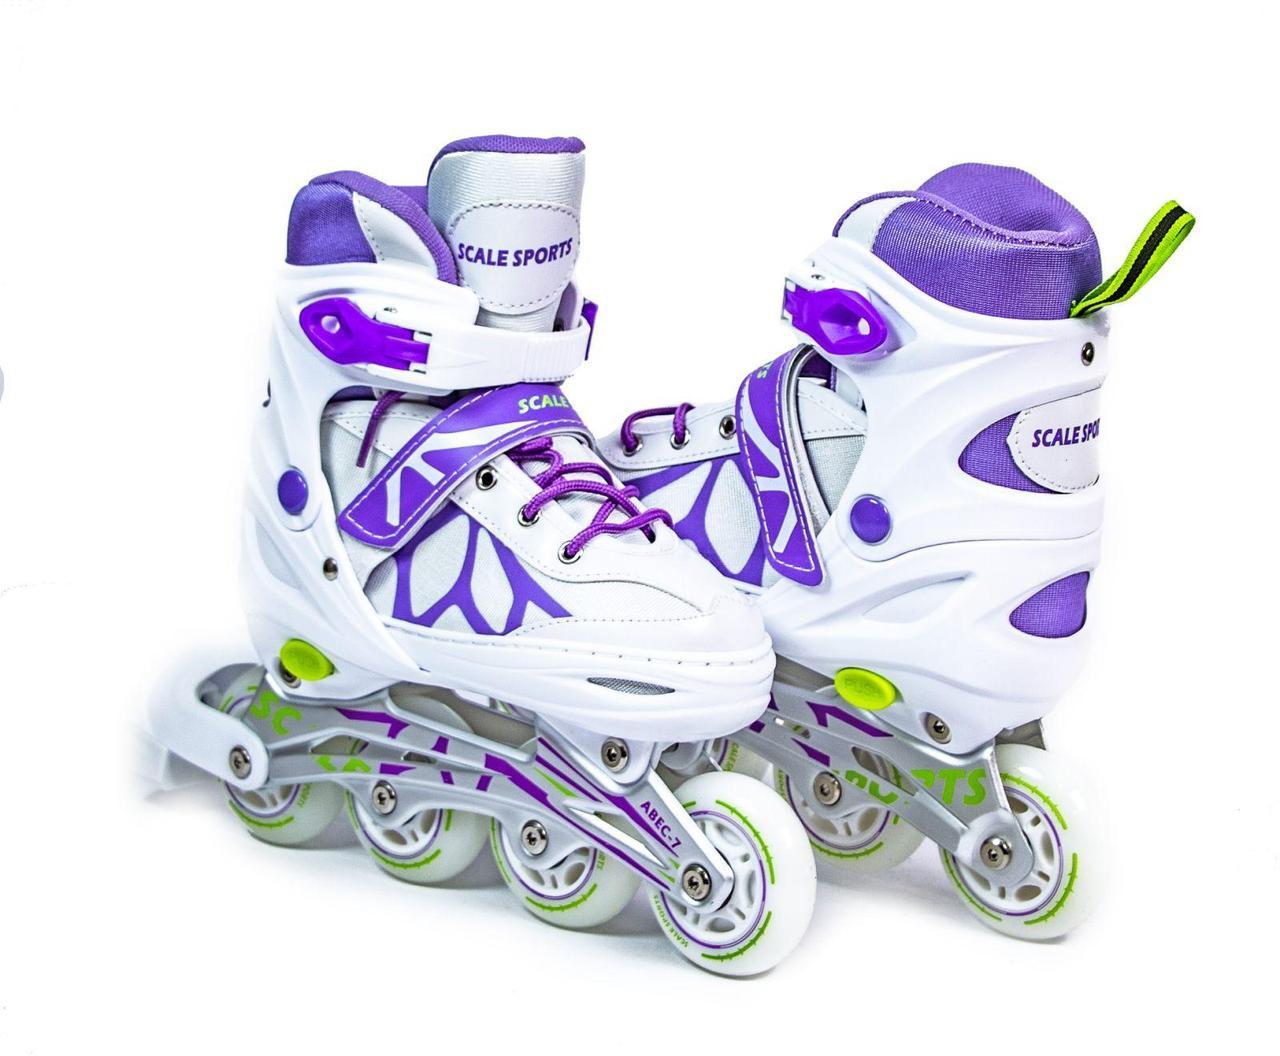 Ролики раздвижные детские Scale Sports  601B Бело-Сиреневого цвета, размеры 29-33; 34-37; 38-41